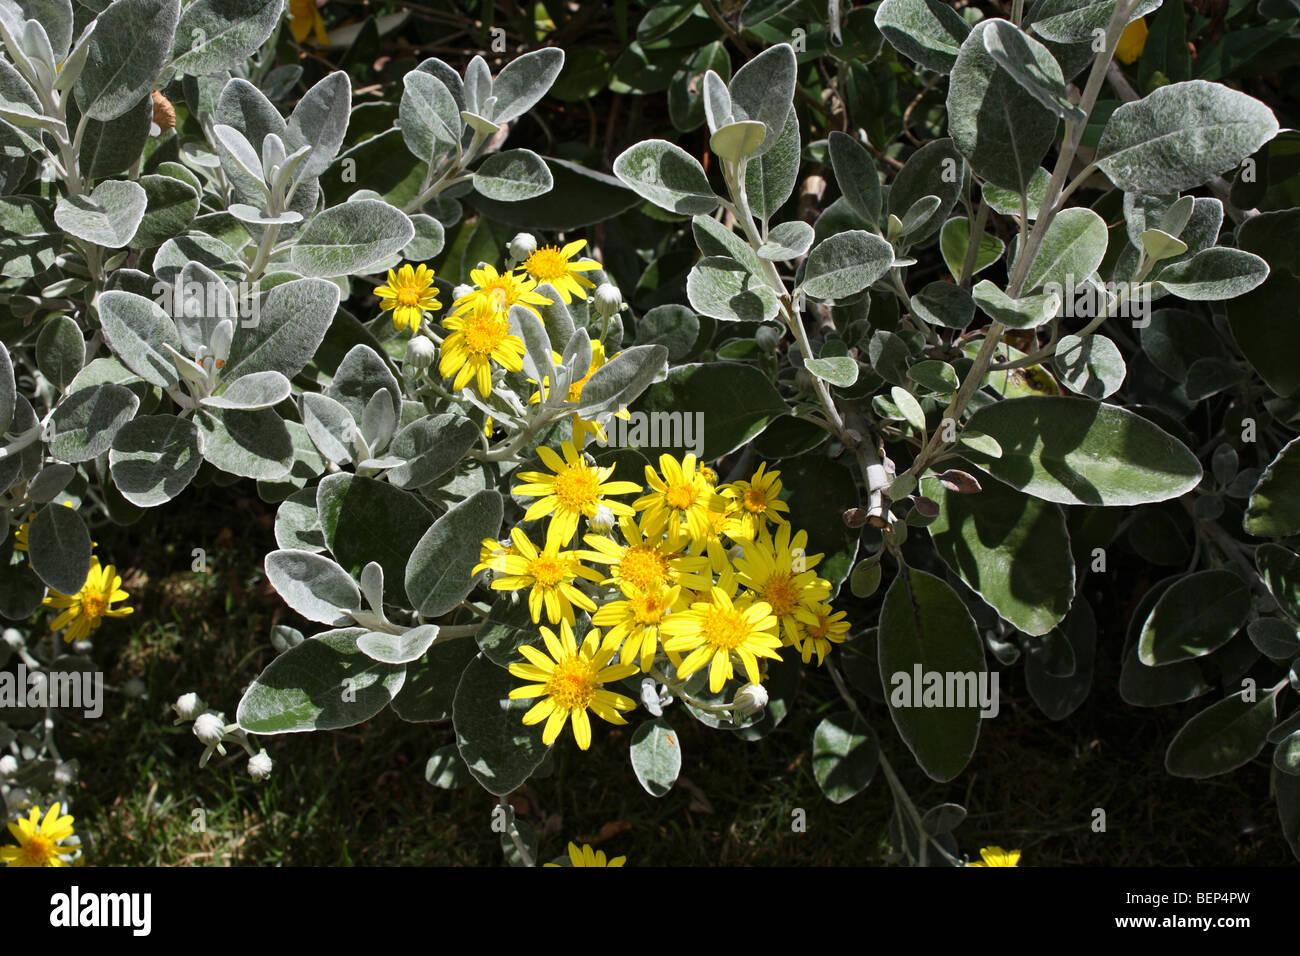 Brachyglottis greyi, also called Senecio greyi, or daisy bush, Surrey, England, UK. Stock Photo